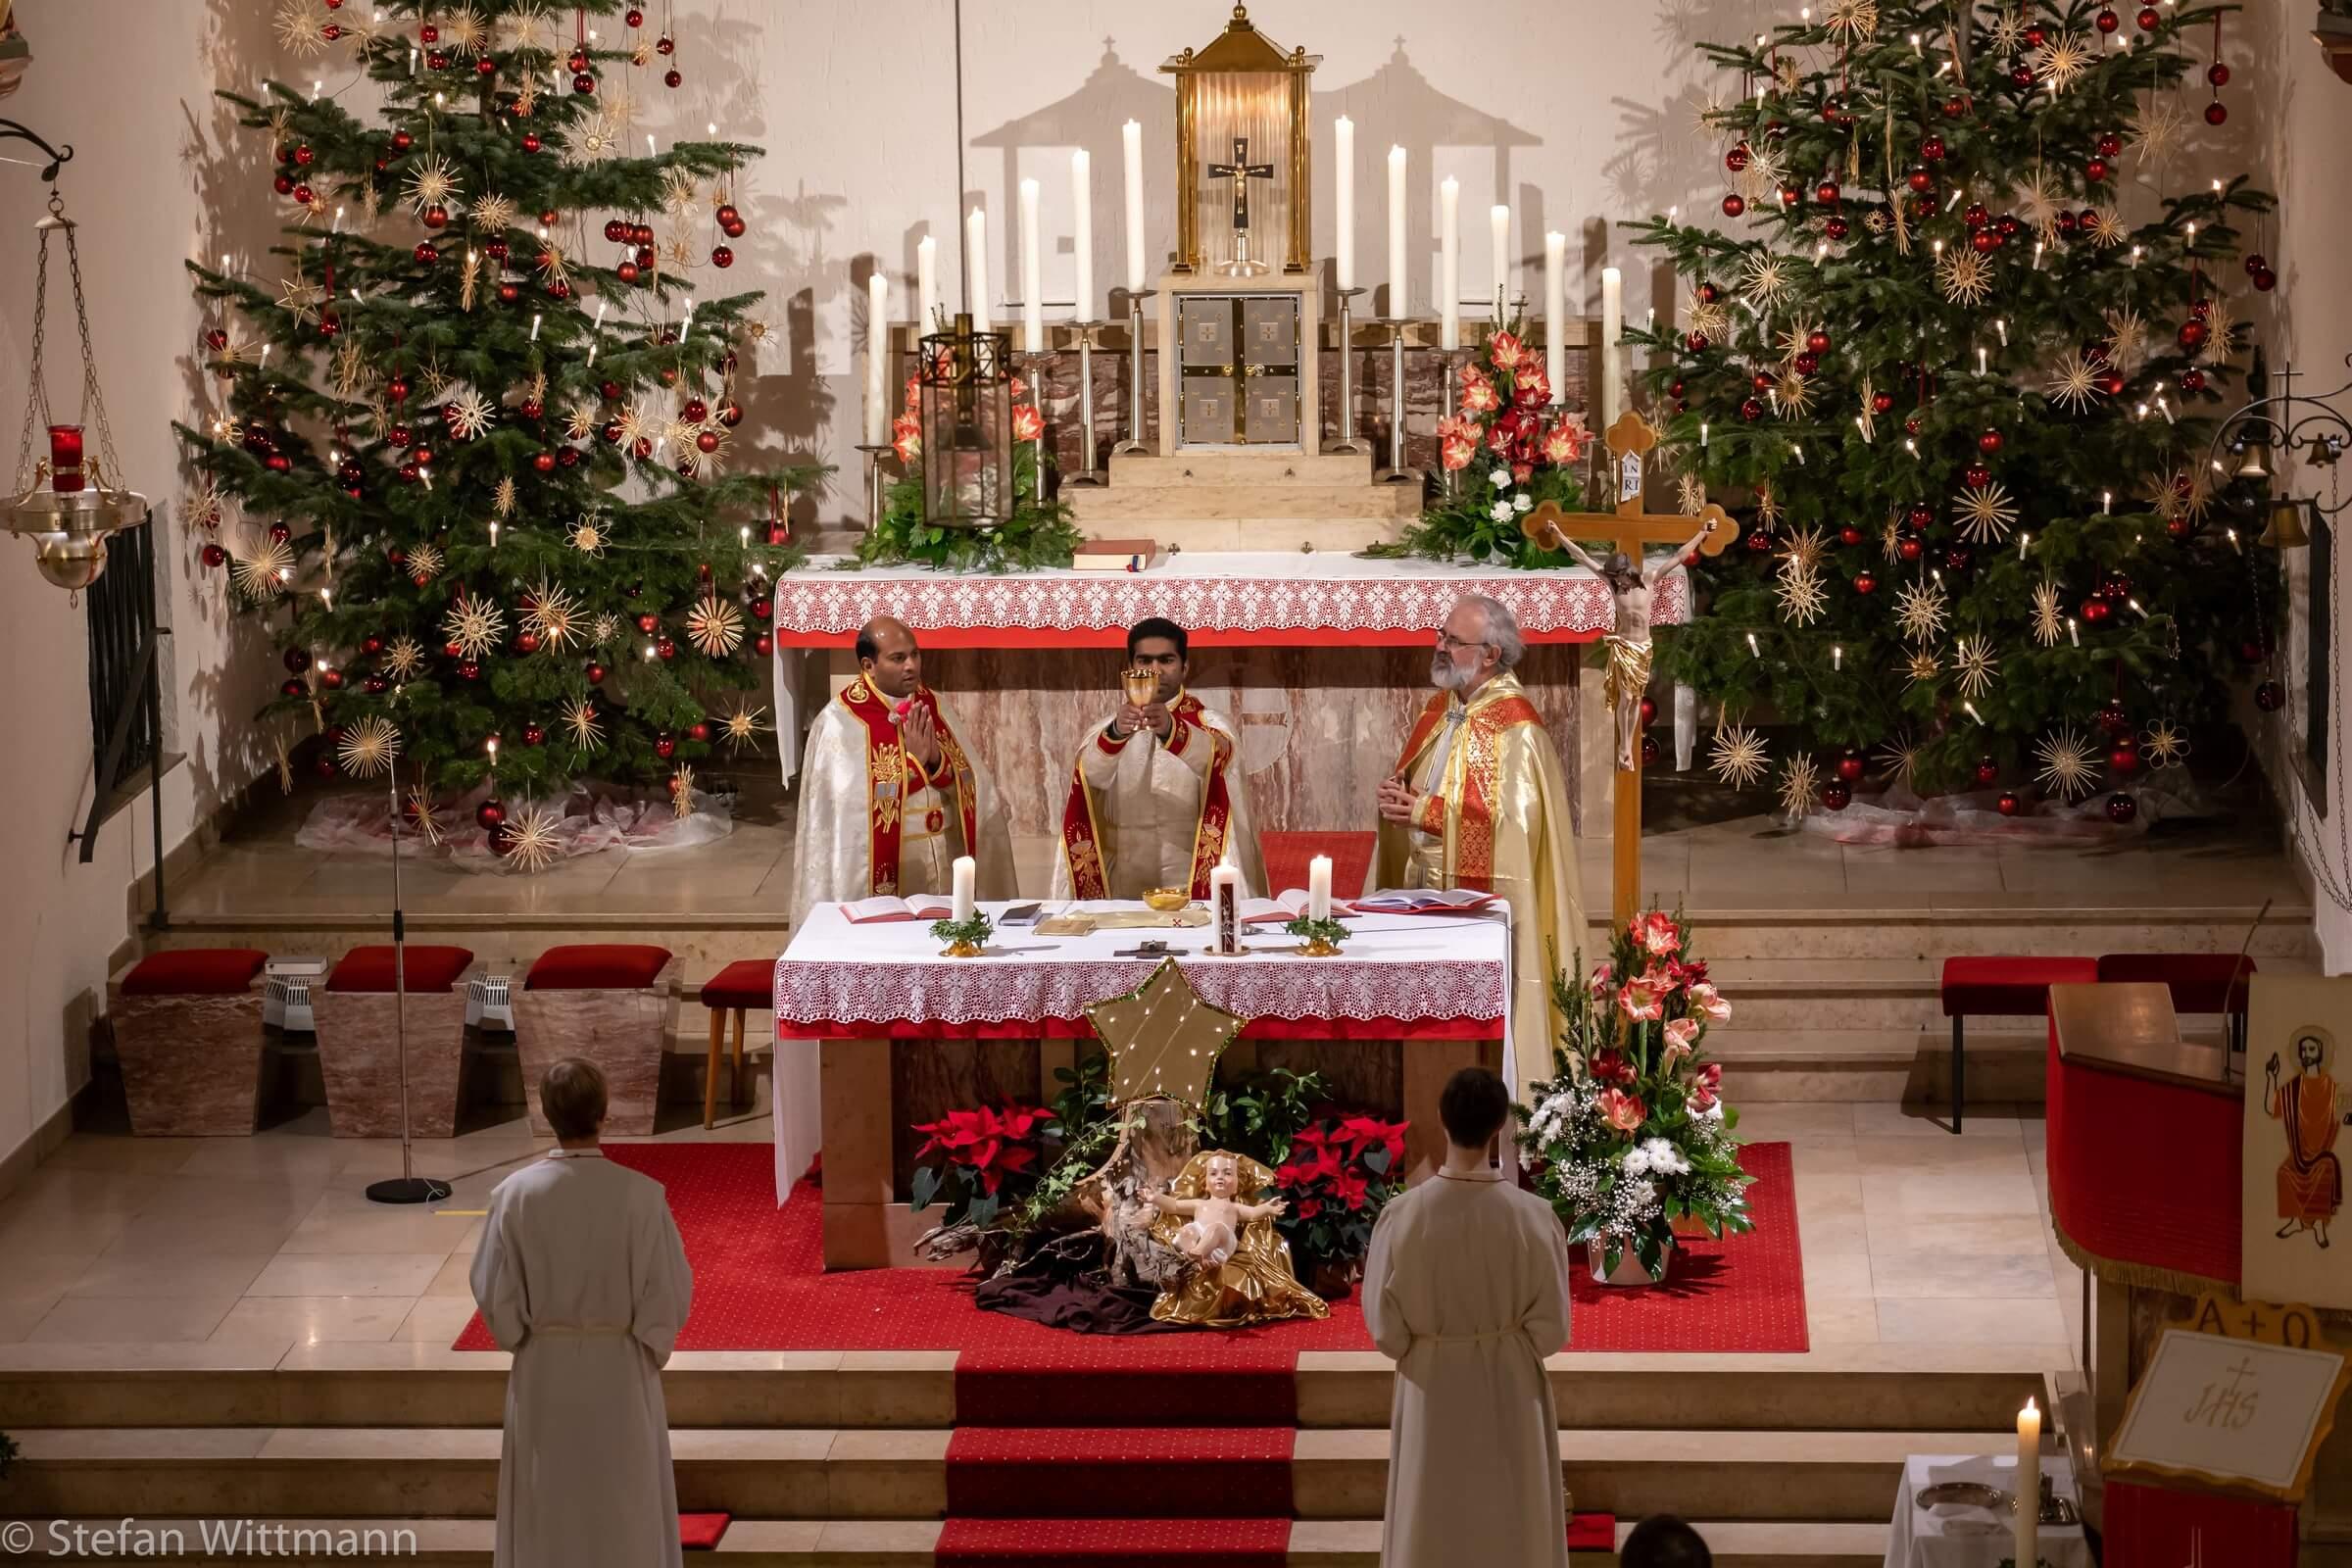 20181230-10 Jahre Priester Joseph - von Wittmann Stefan 20181230174153-DSC01894